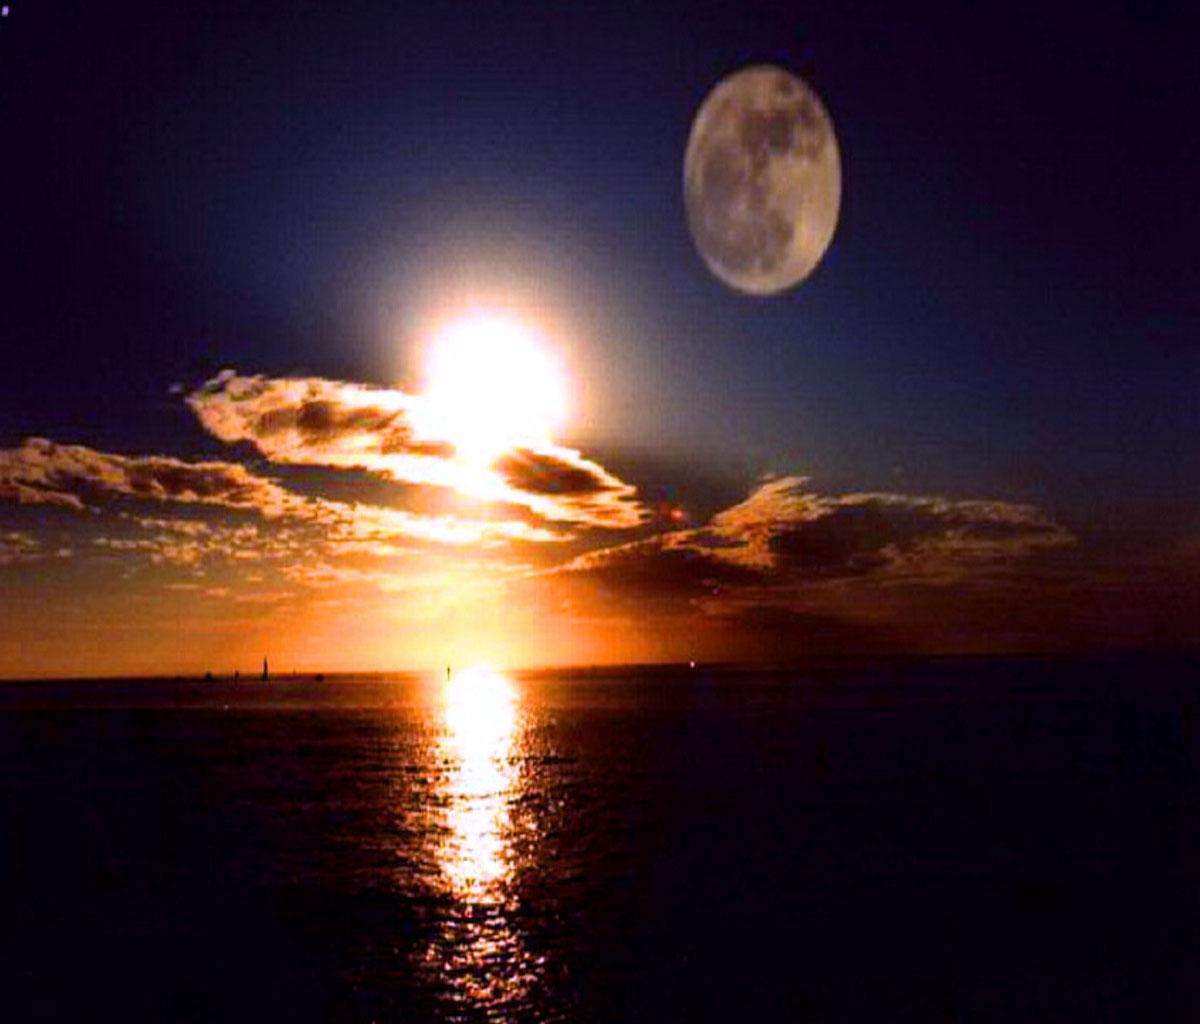 تفسير رؤية العزباء للشمس والقمر عندما يلتقيان